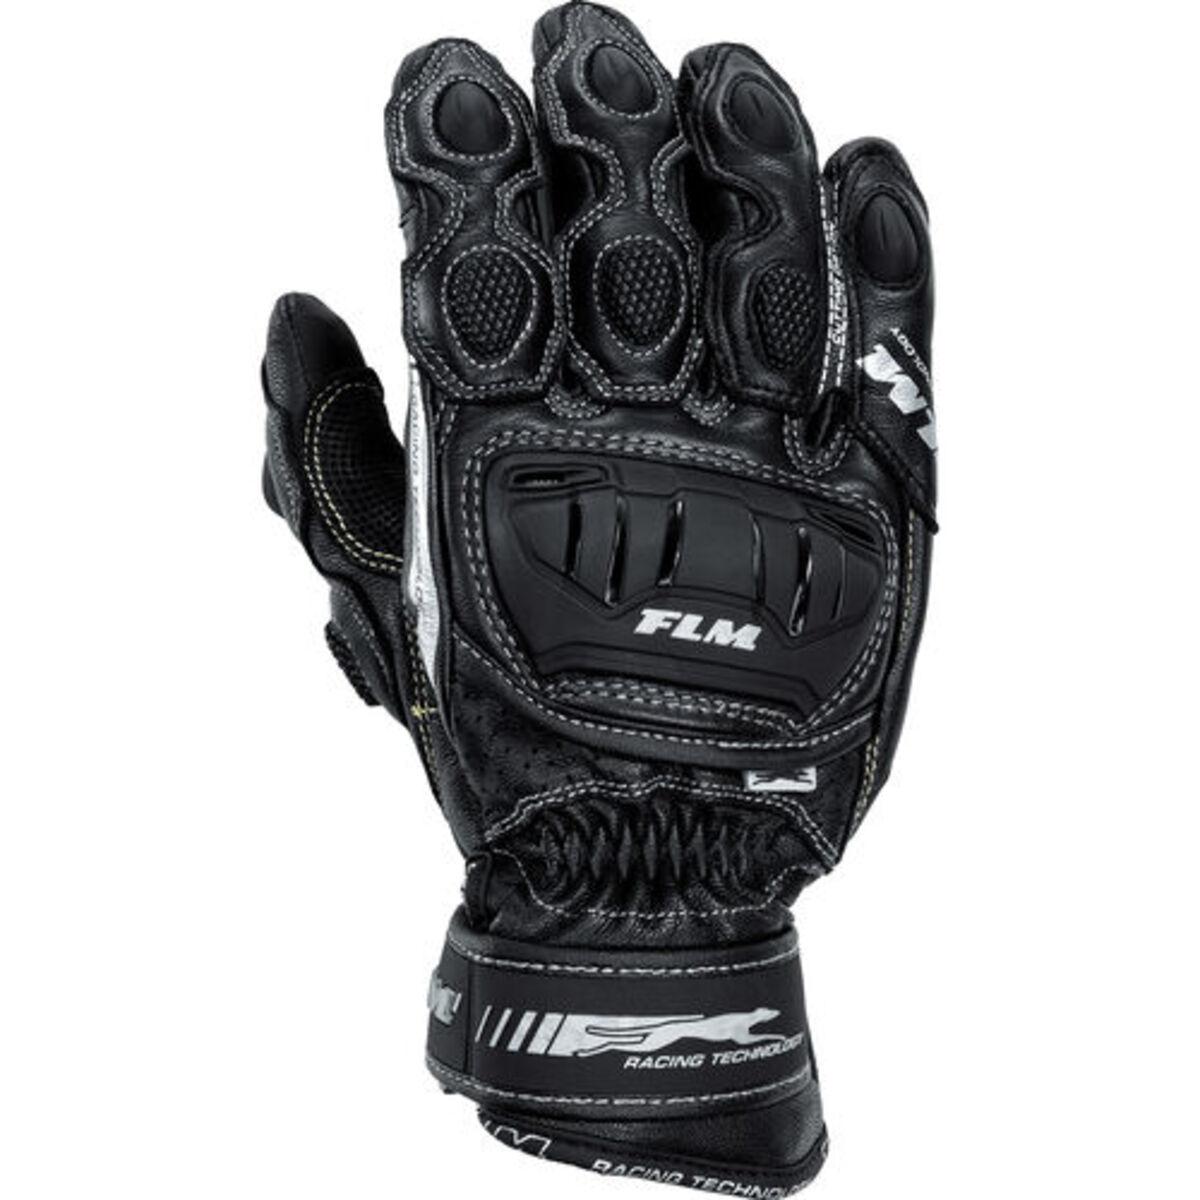 Bild 1 von FLM            Sports Lederhandschuh 2.0 kurz schwarz